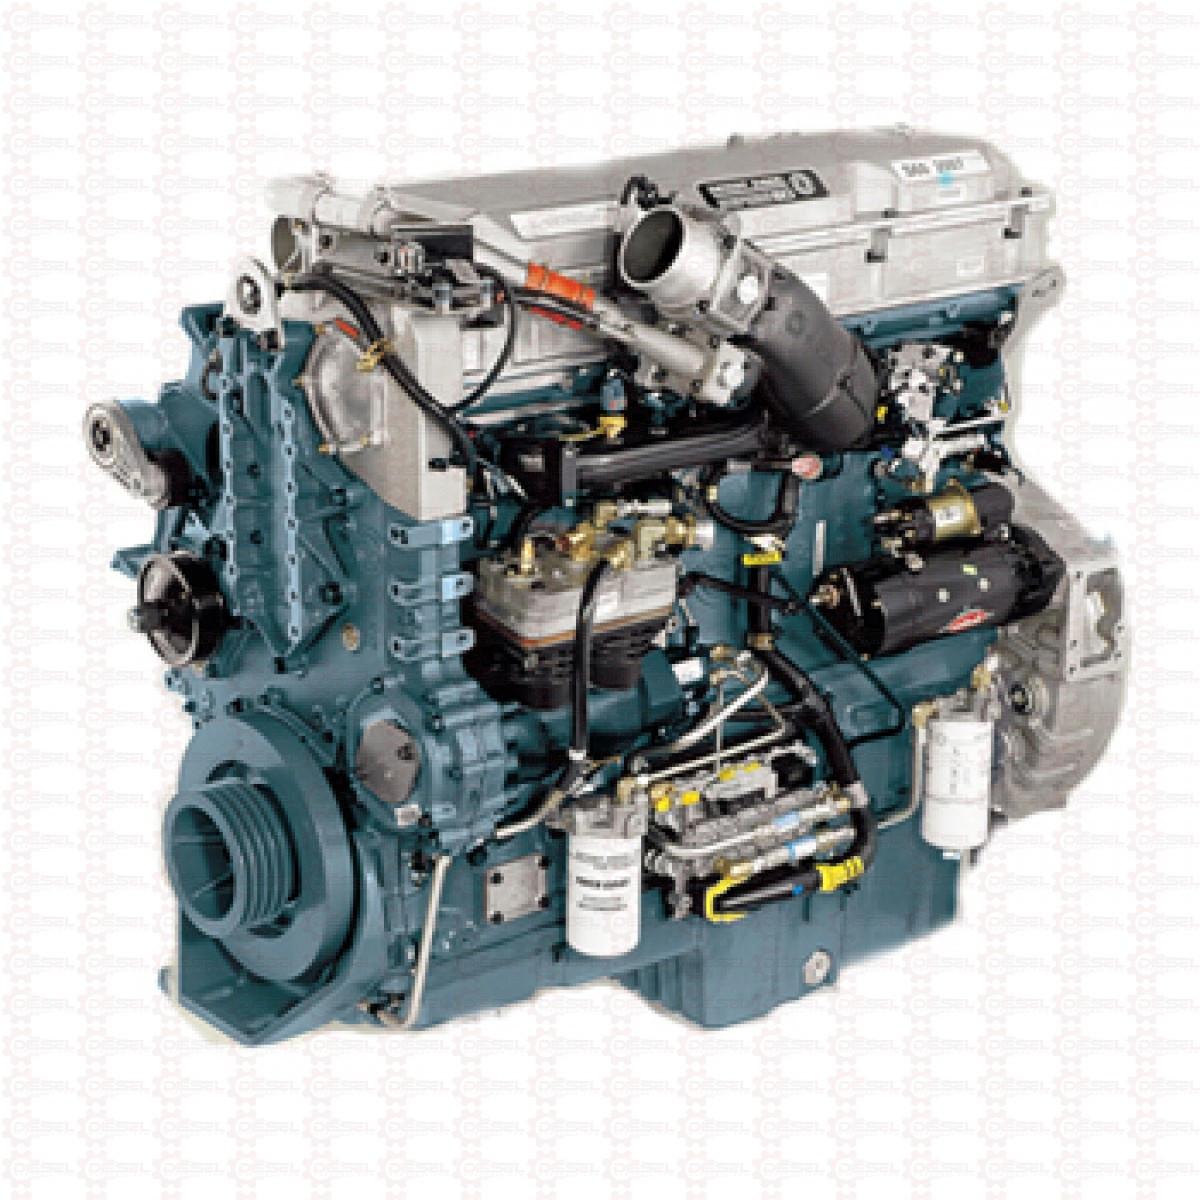 Двигатель Detroit Diesel 71 серии, двигатель Detroit Diesel series 71